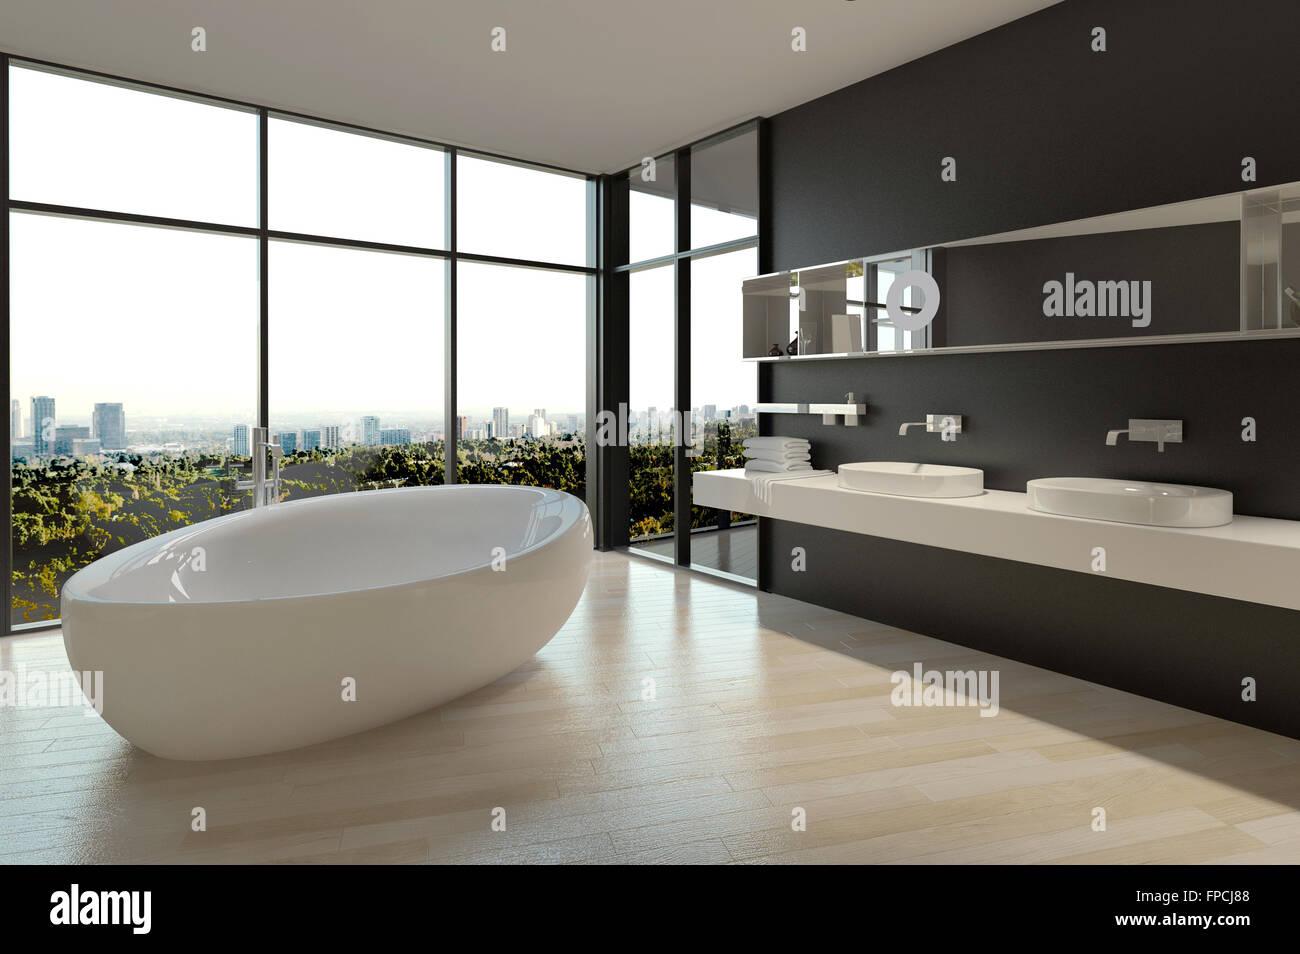 Dimensioni Vasche Da Bagno Design : Architectural interior design arredate zona bagno con vasca da